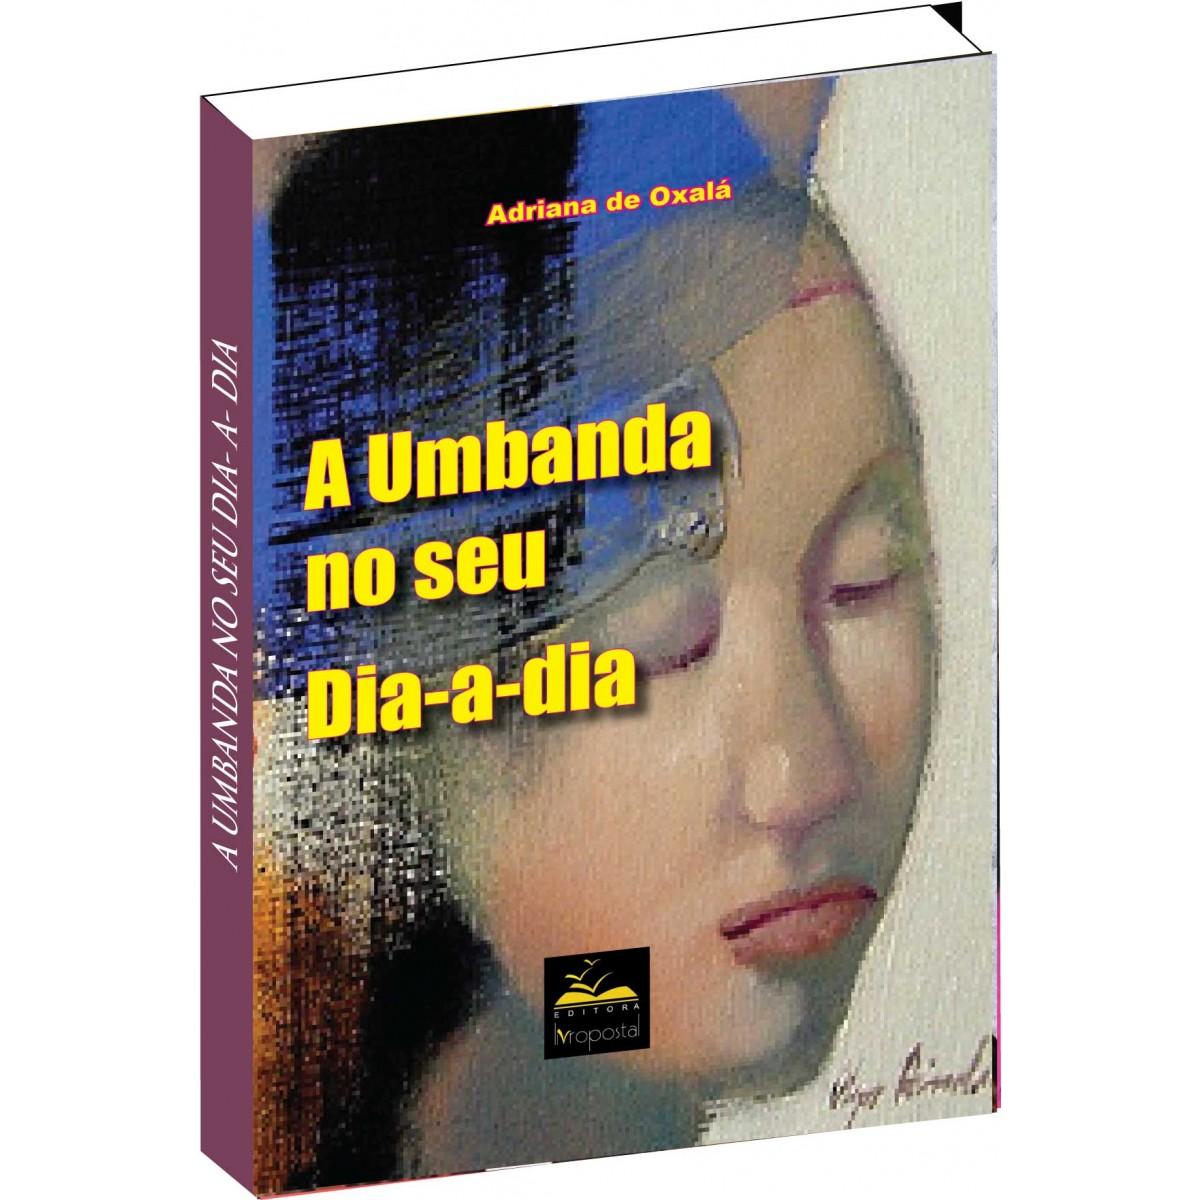 Livro - A Umbanda no seu dia-a-dia  - Livropostal Editora